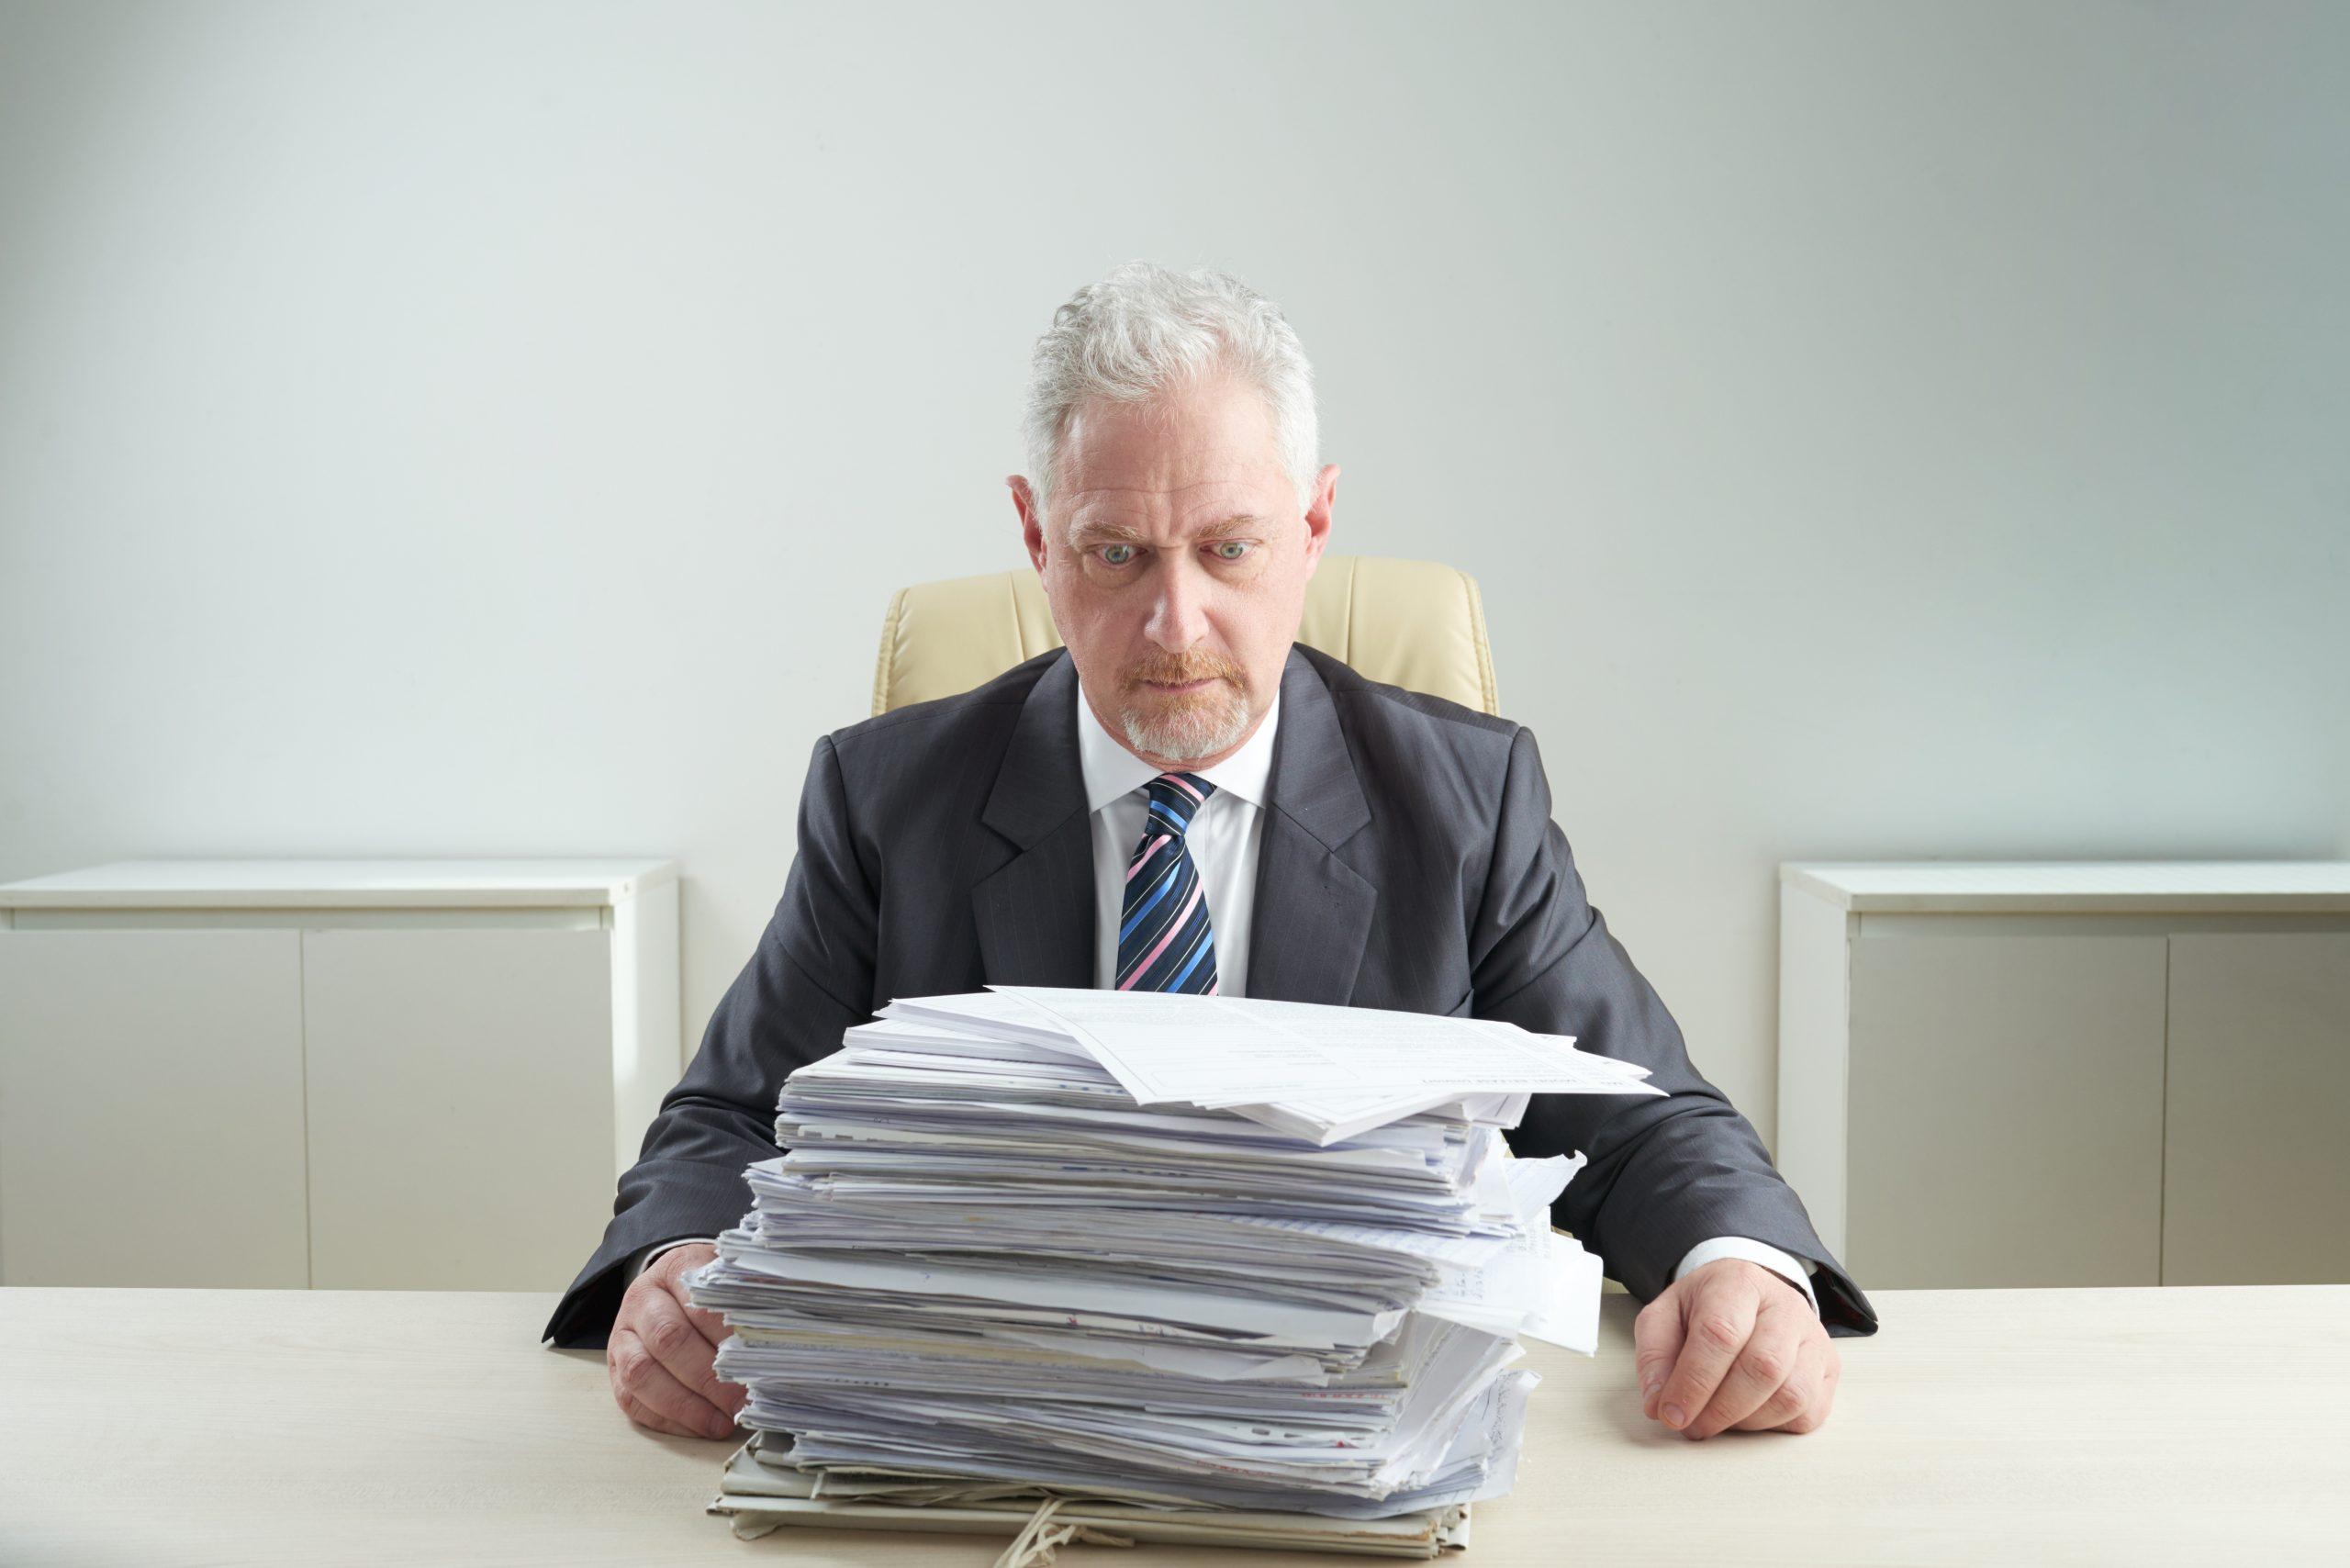 Контрагент в ликвидации: как подать заявление о его банкротстве?